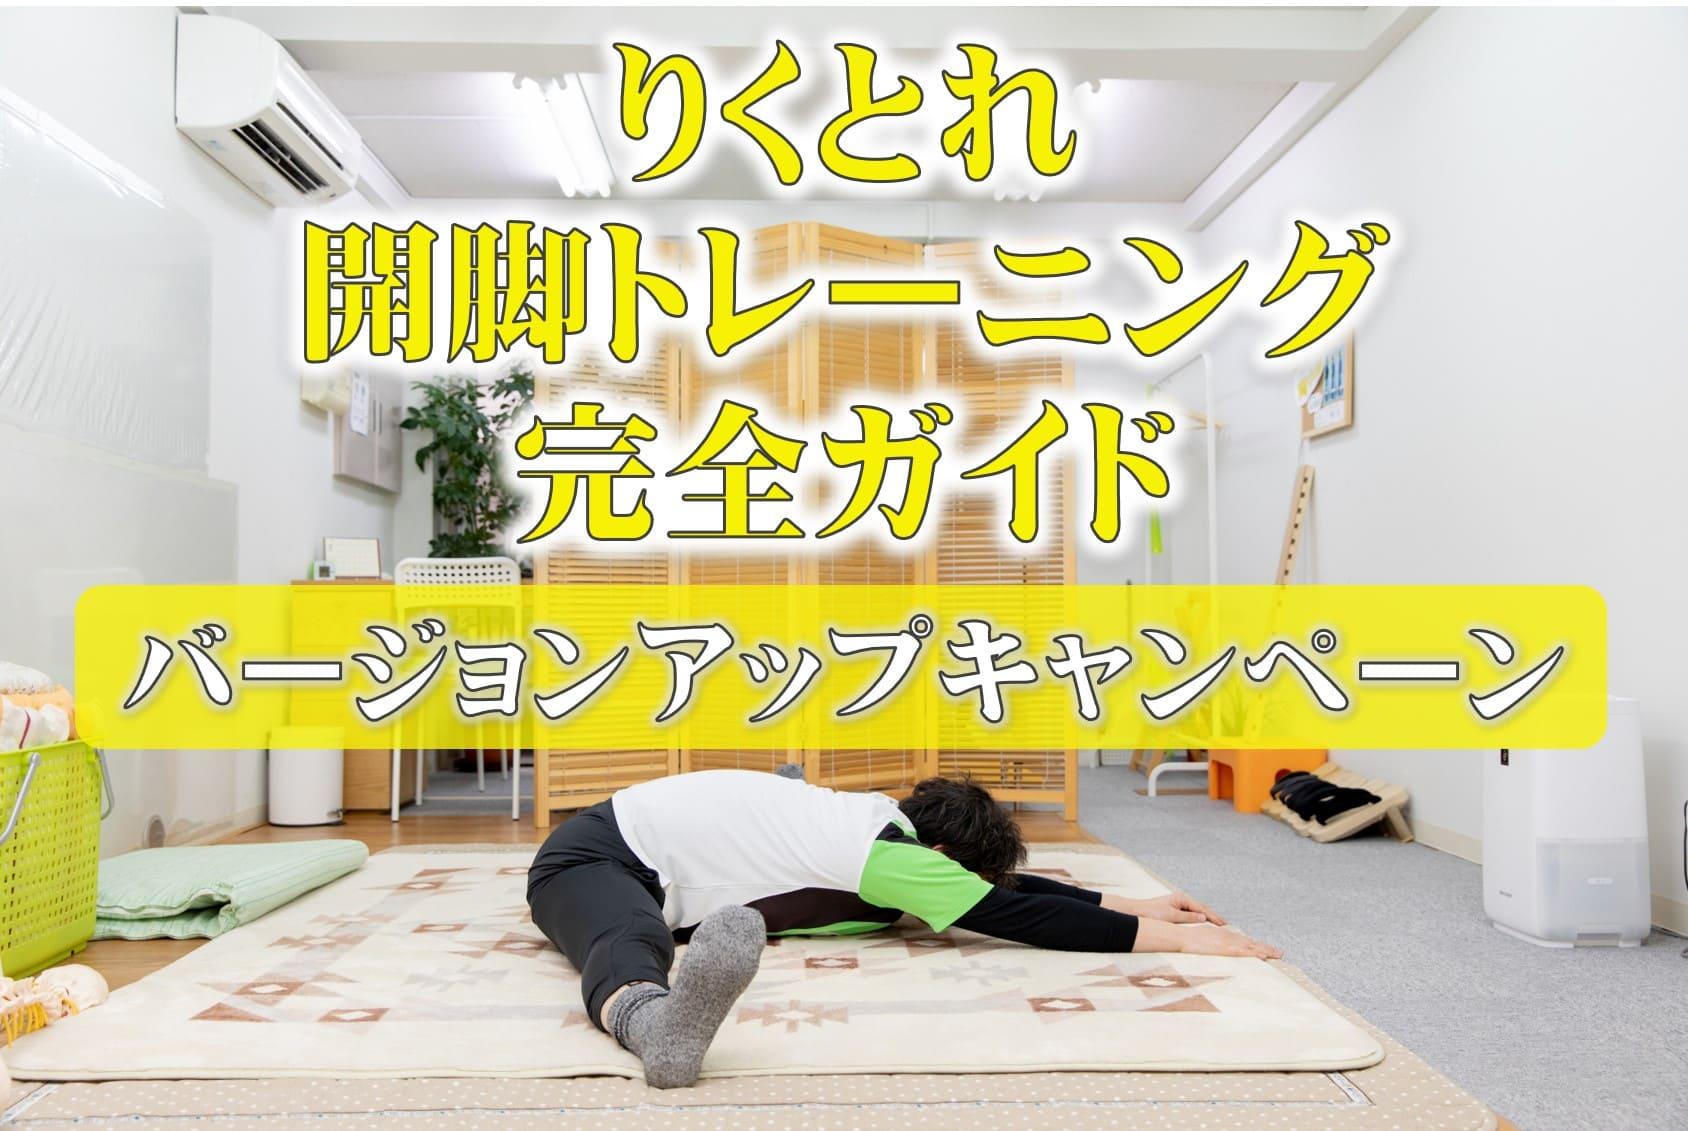 開脚トレーニング完全ガイドバージョンアップキャンペーン!